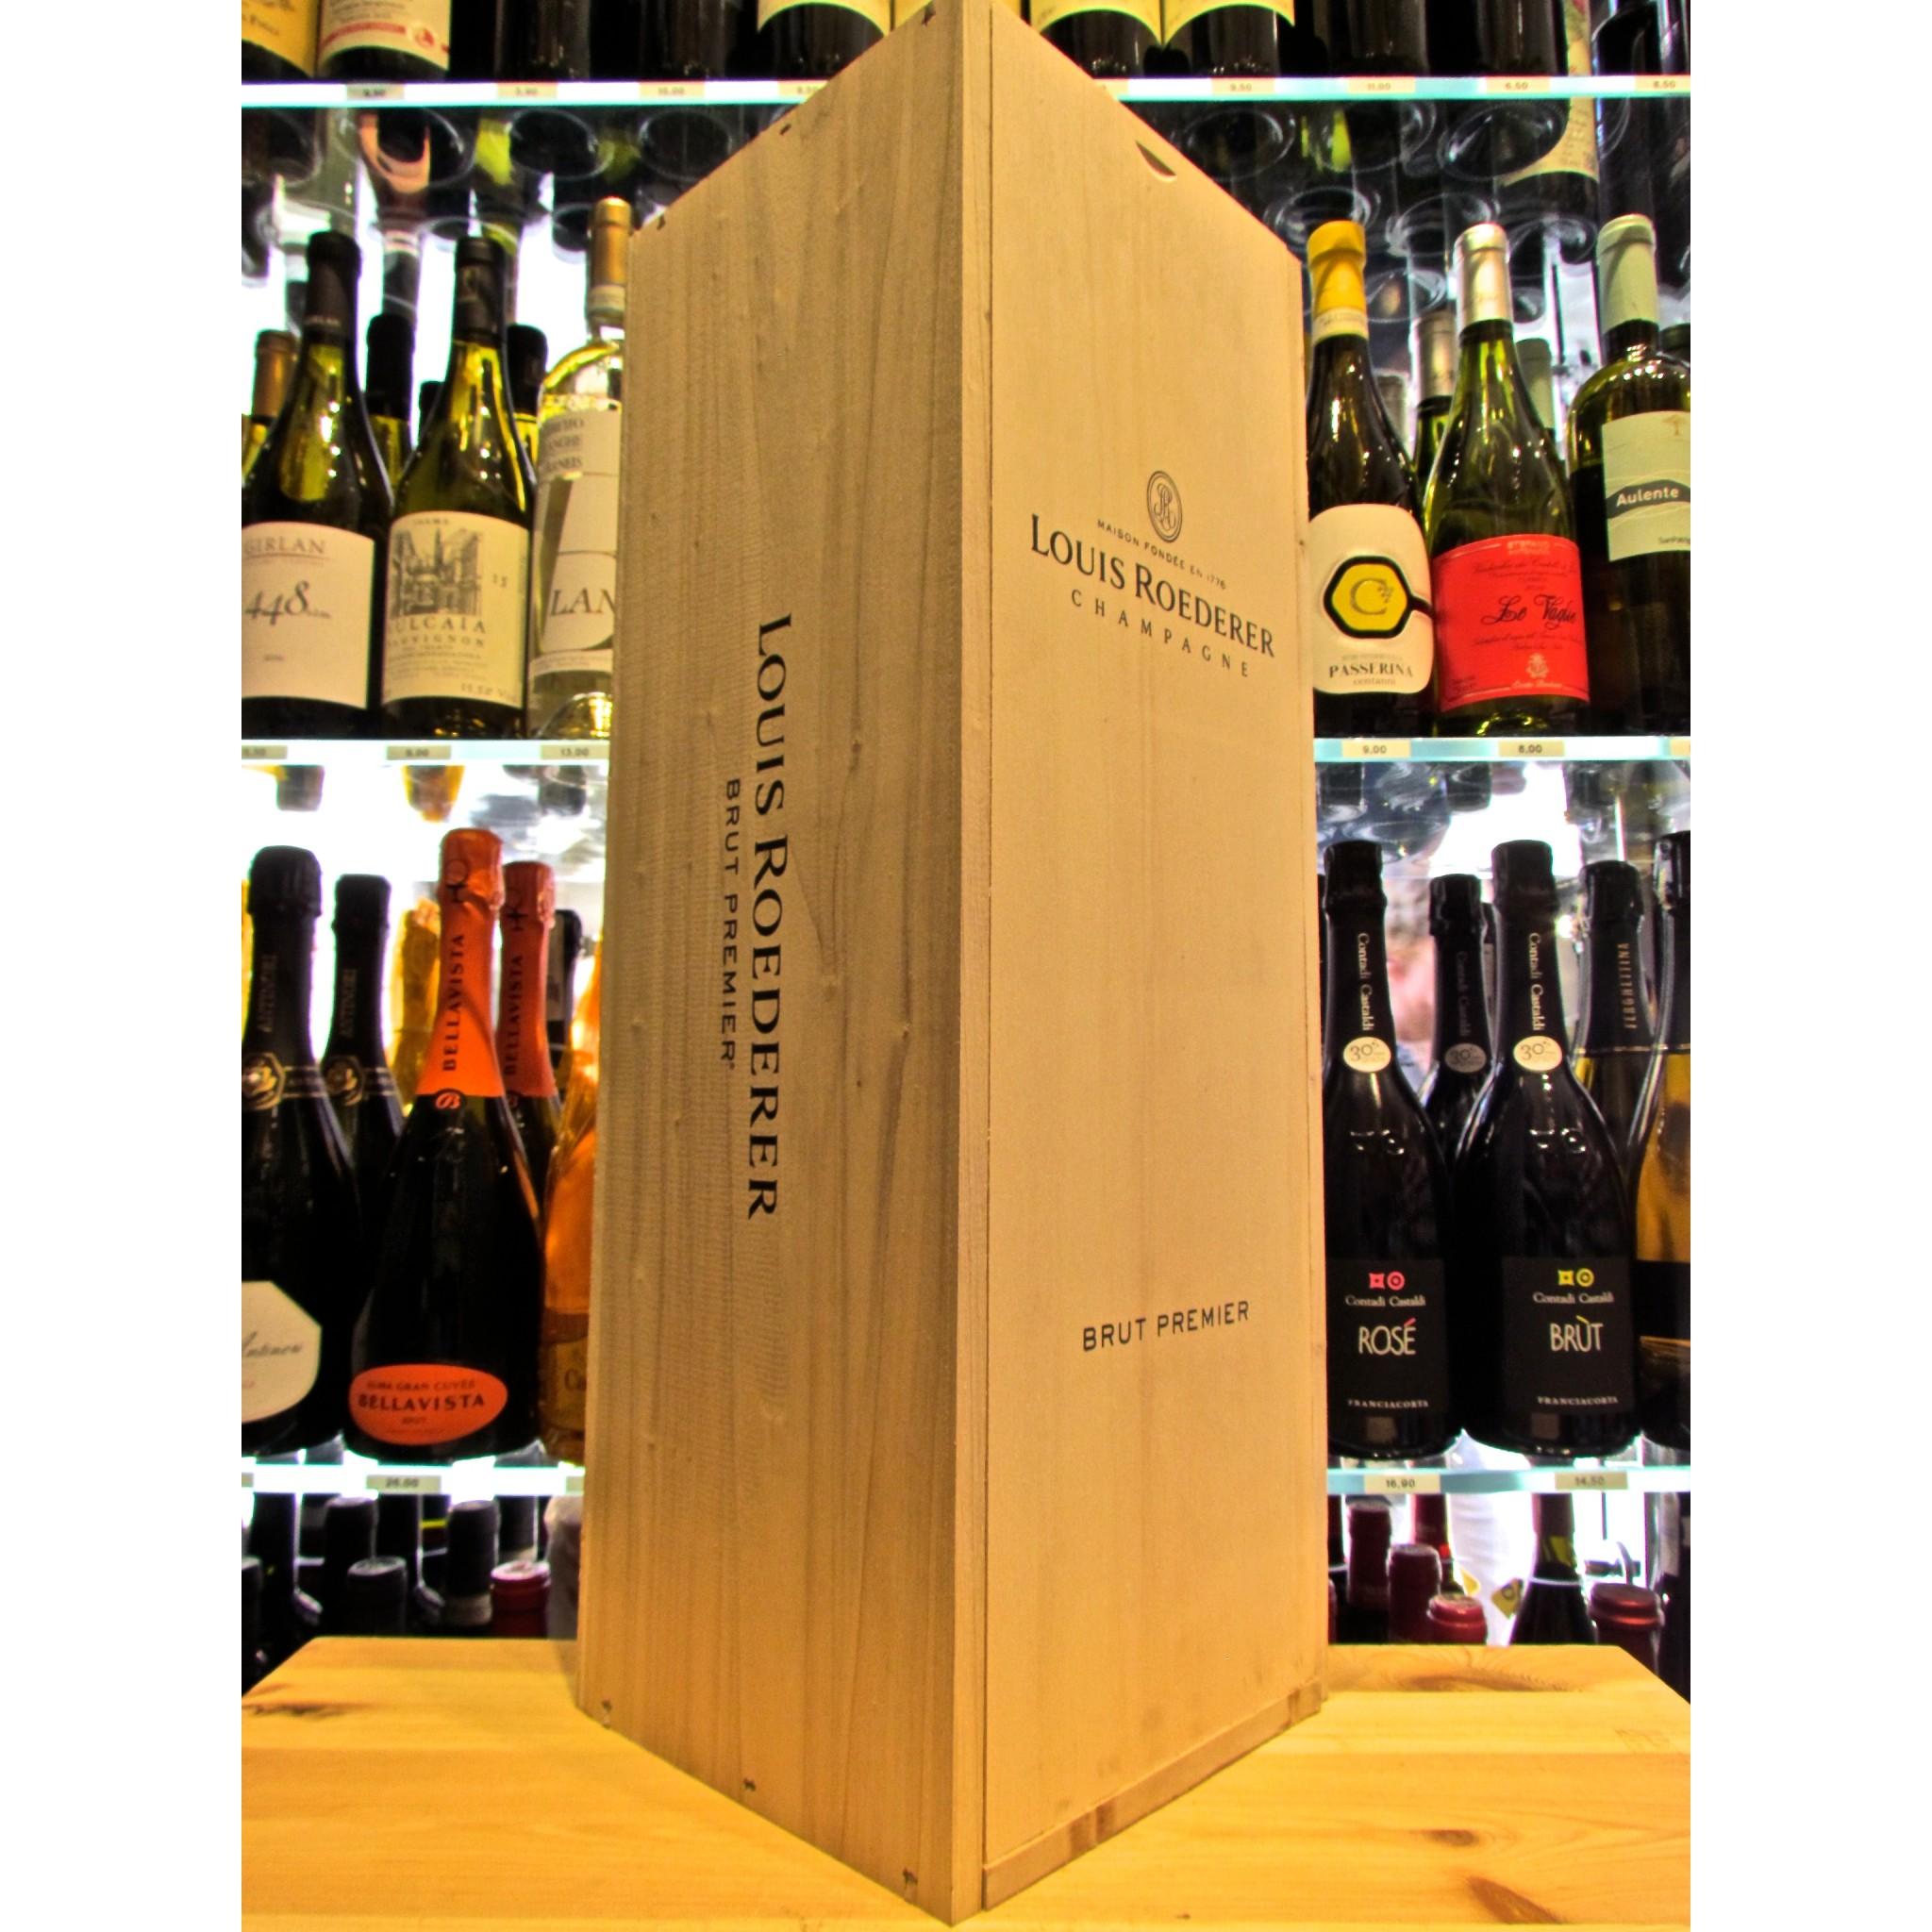 online sale champagne louis roederer brut premier at the. Black Bedroom Furniture Sets. Home Design Ideas